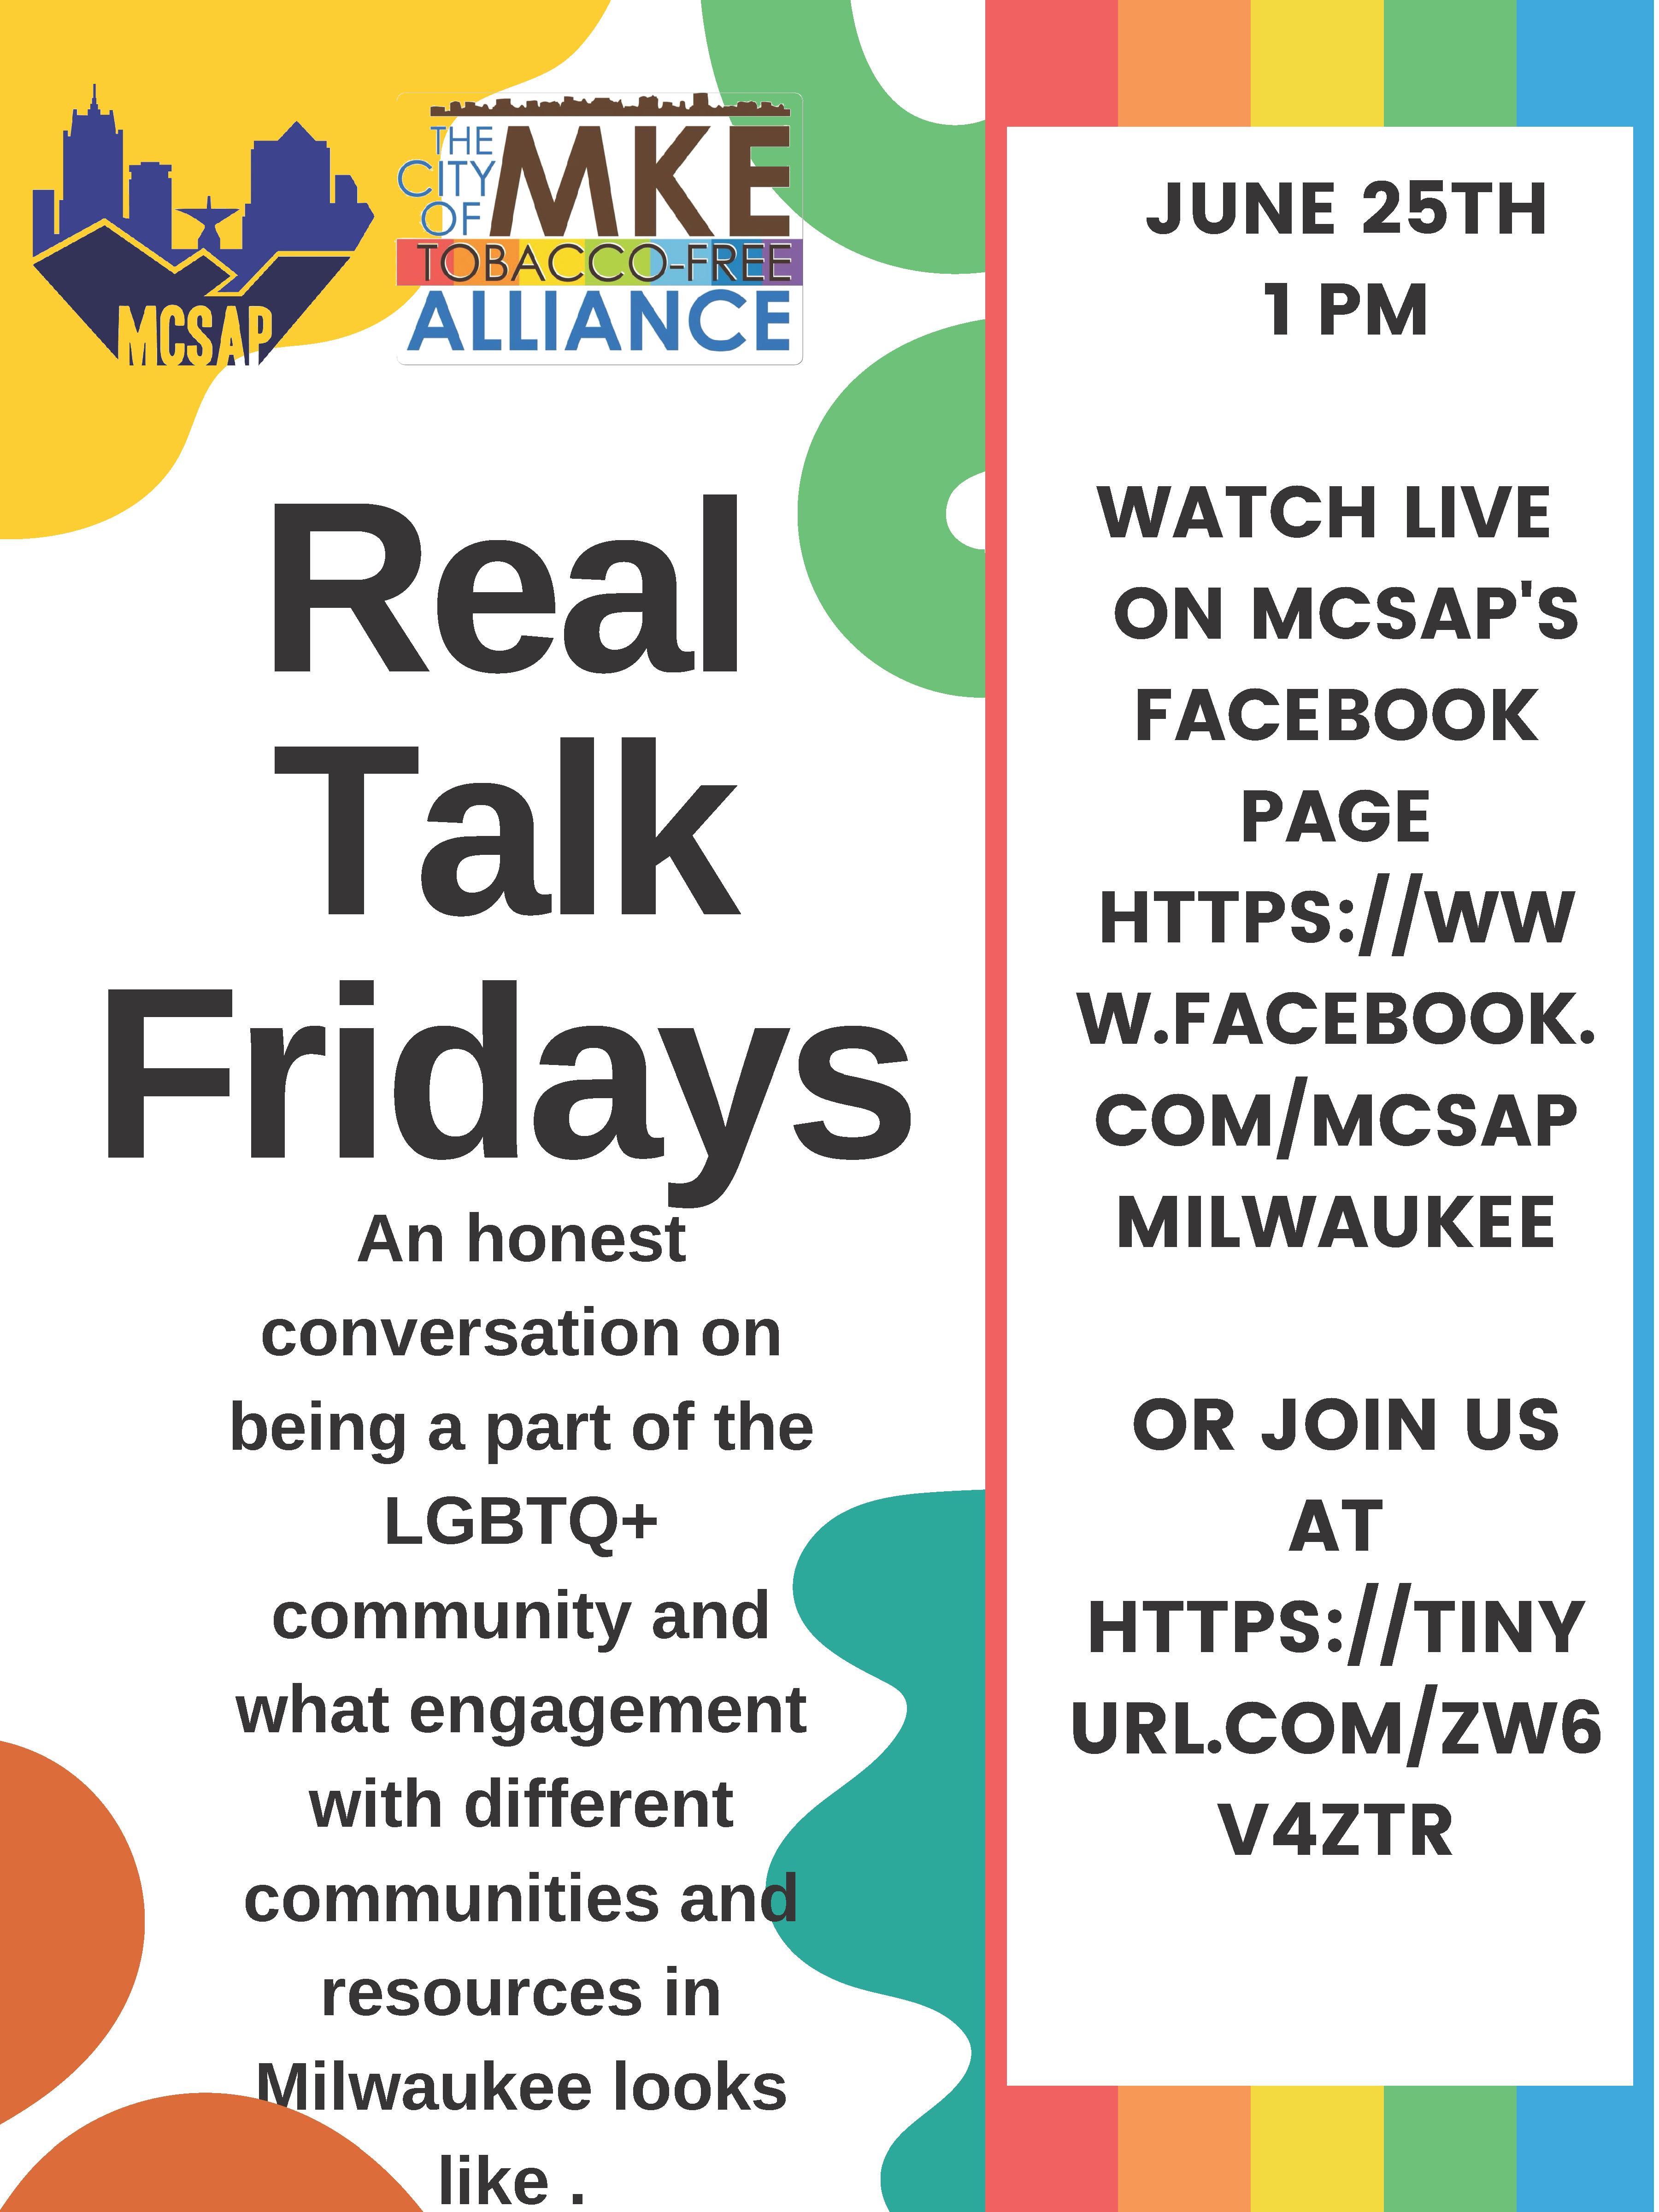 real talk fridays LGBTQ+